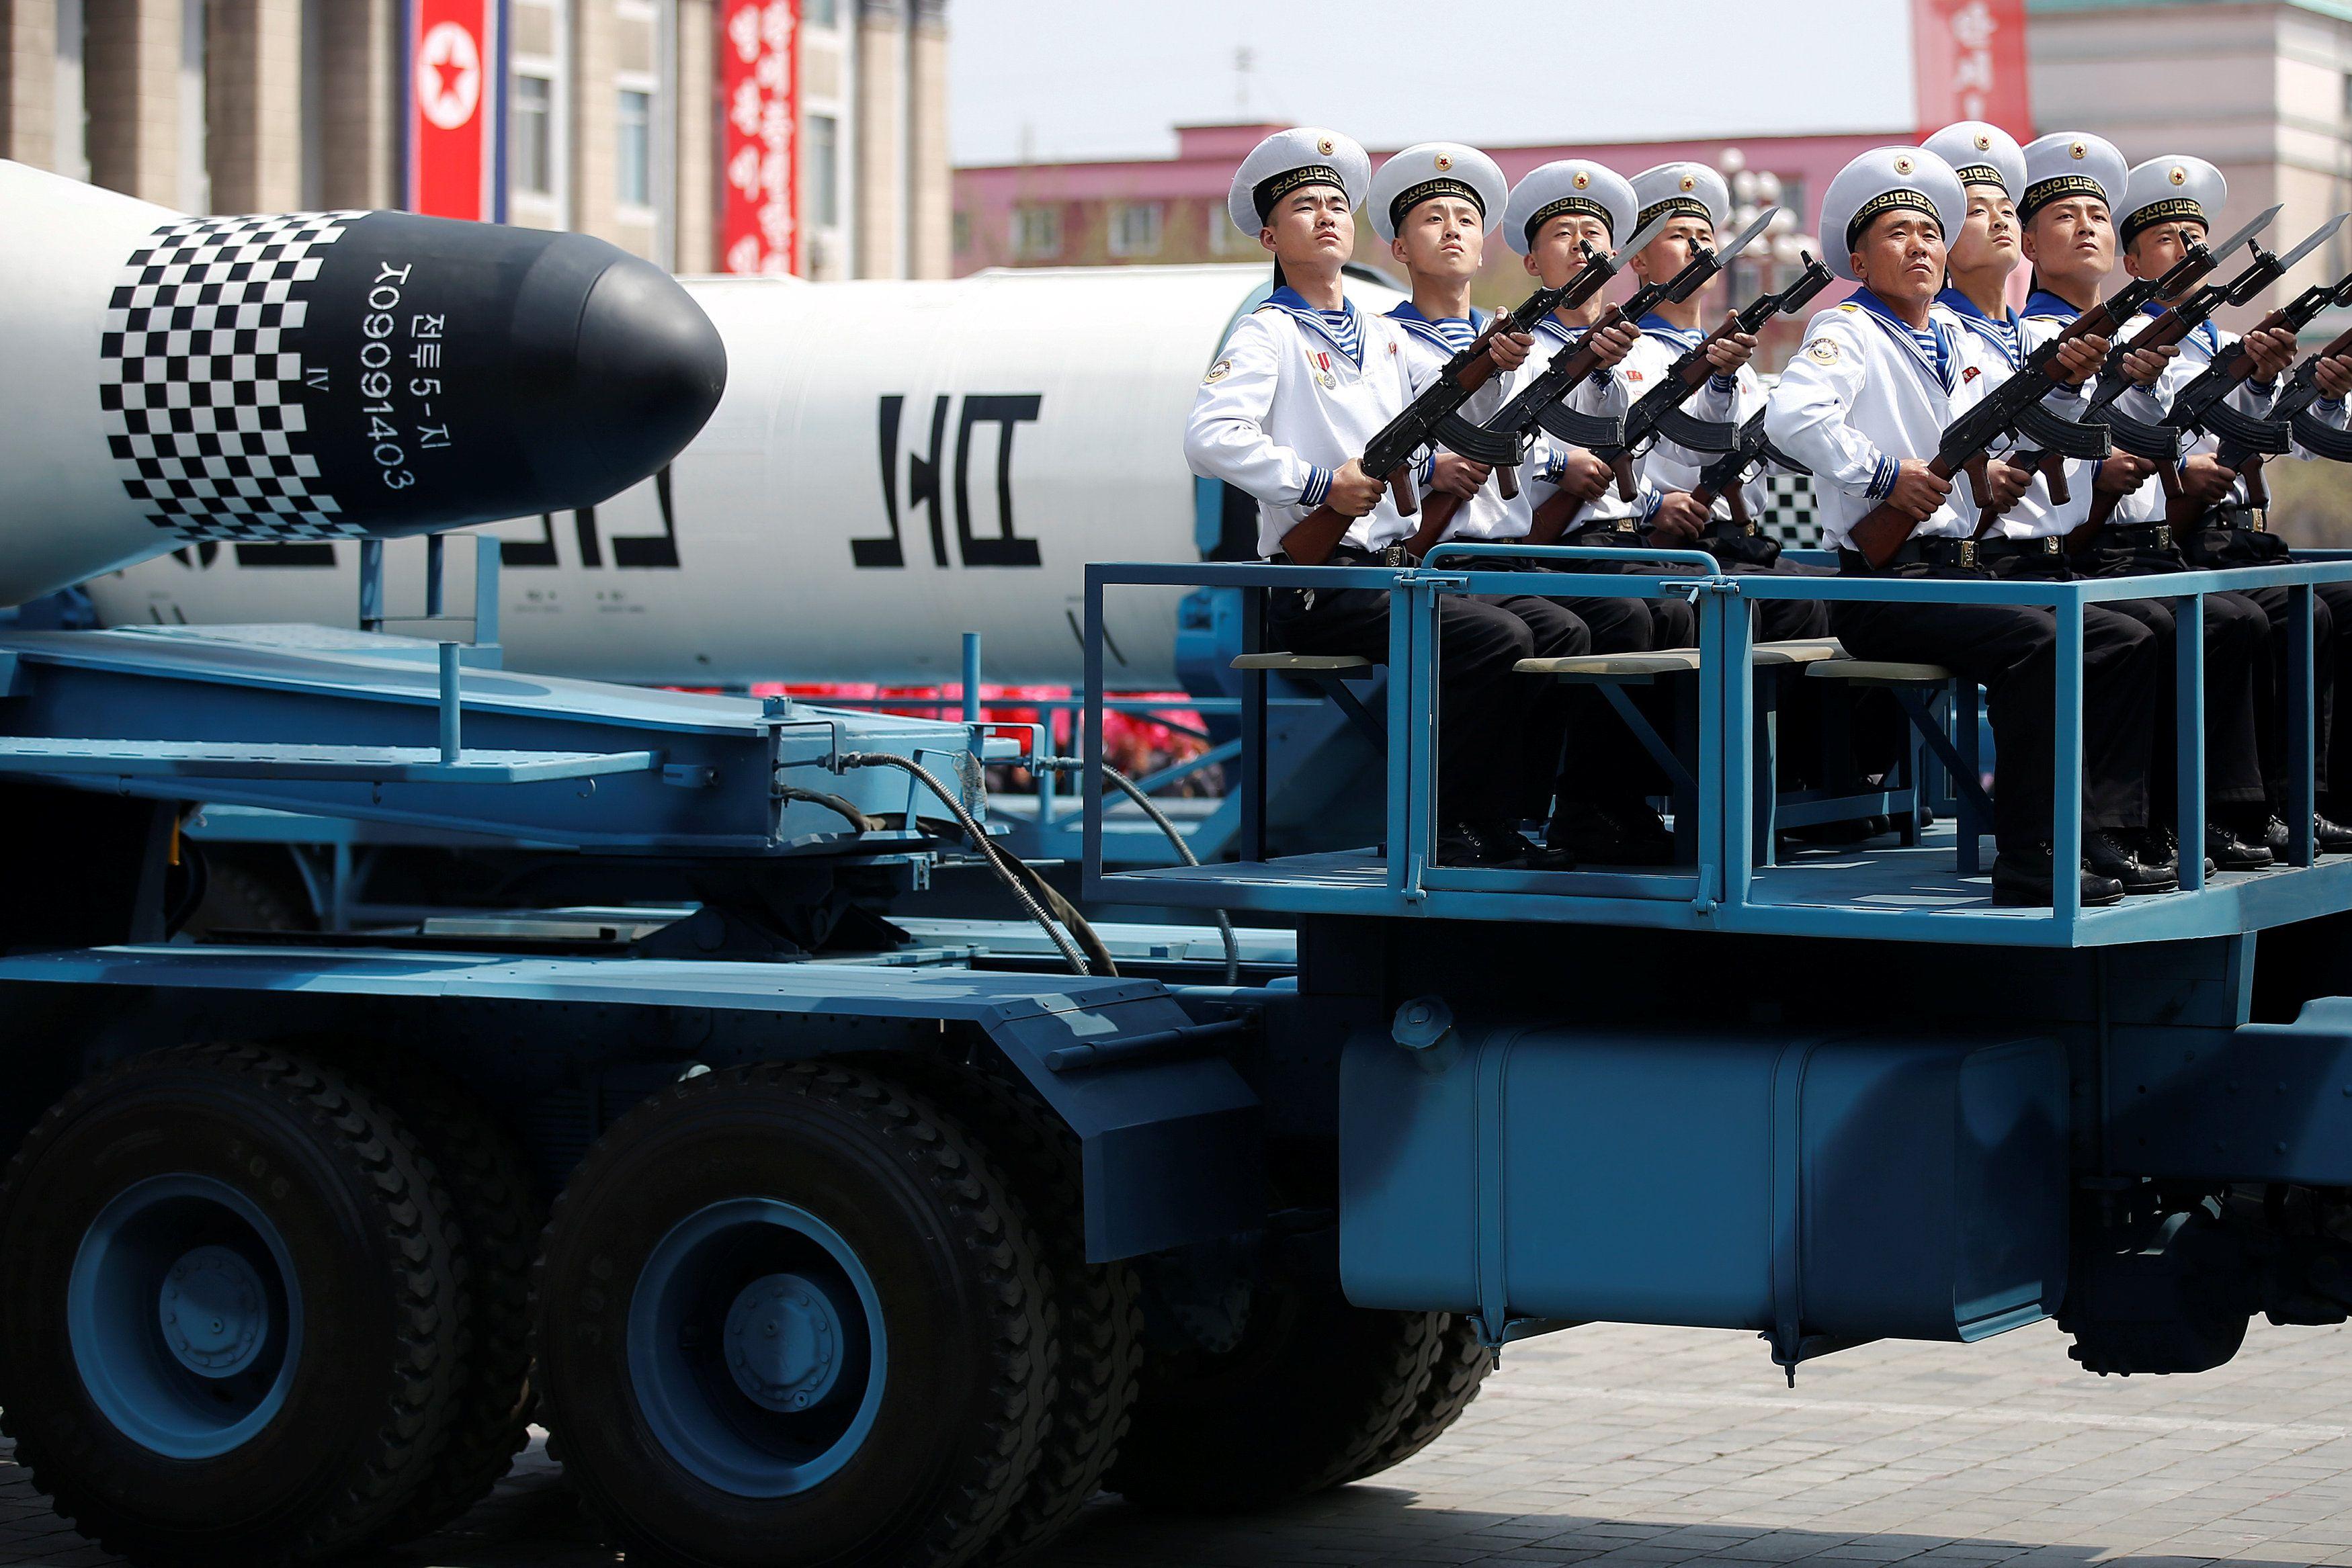 Парад в КНДР, иллюстрация